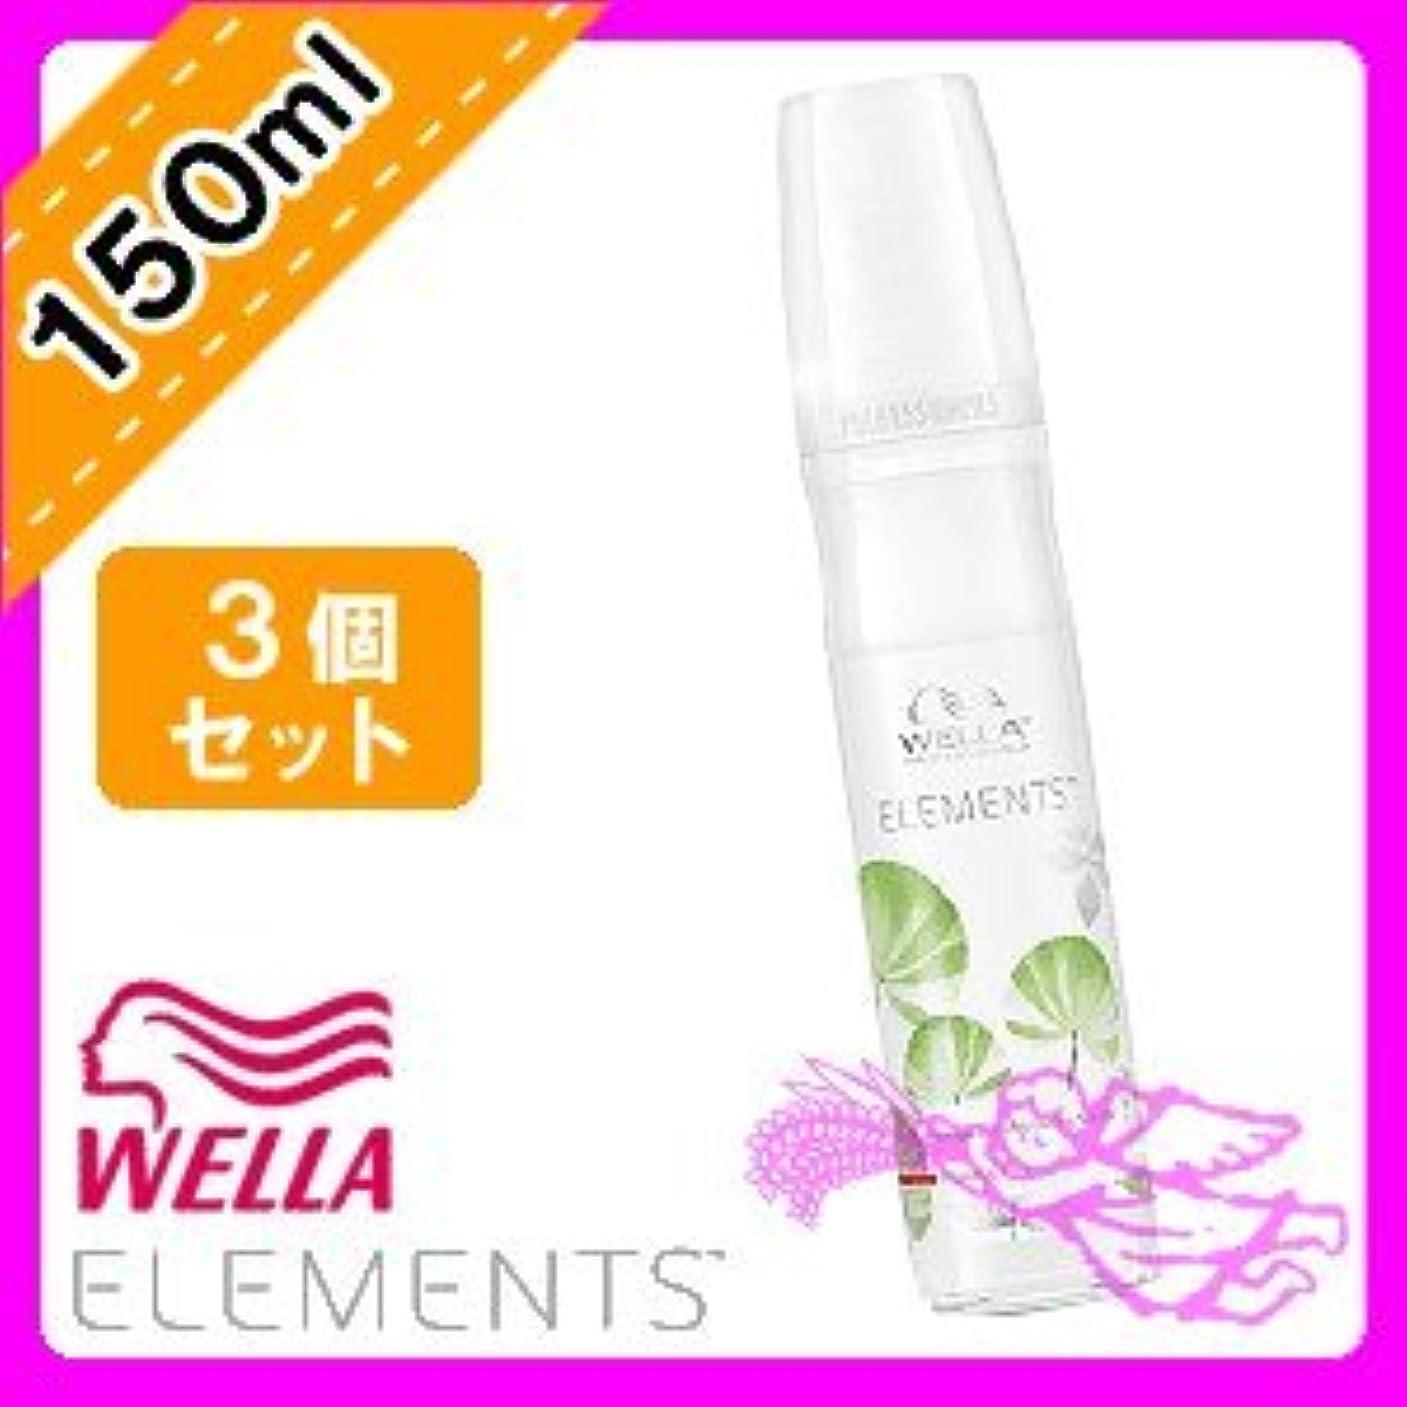 ワードローブ落ち着かない台無しにウエラ エレメンツ コンディショニングスプレー 150ml ×3個 セット WELLA ELEMENTS